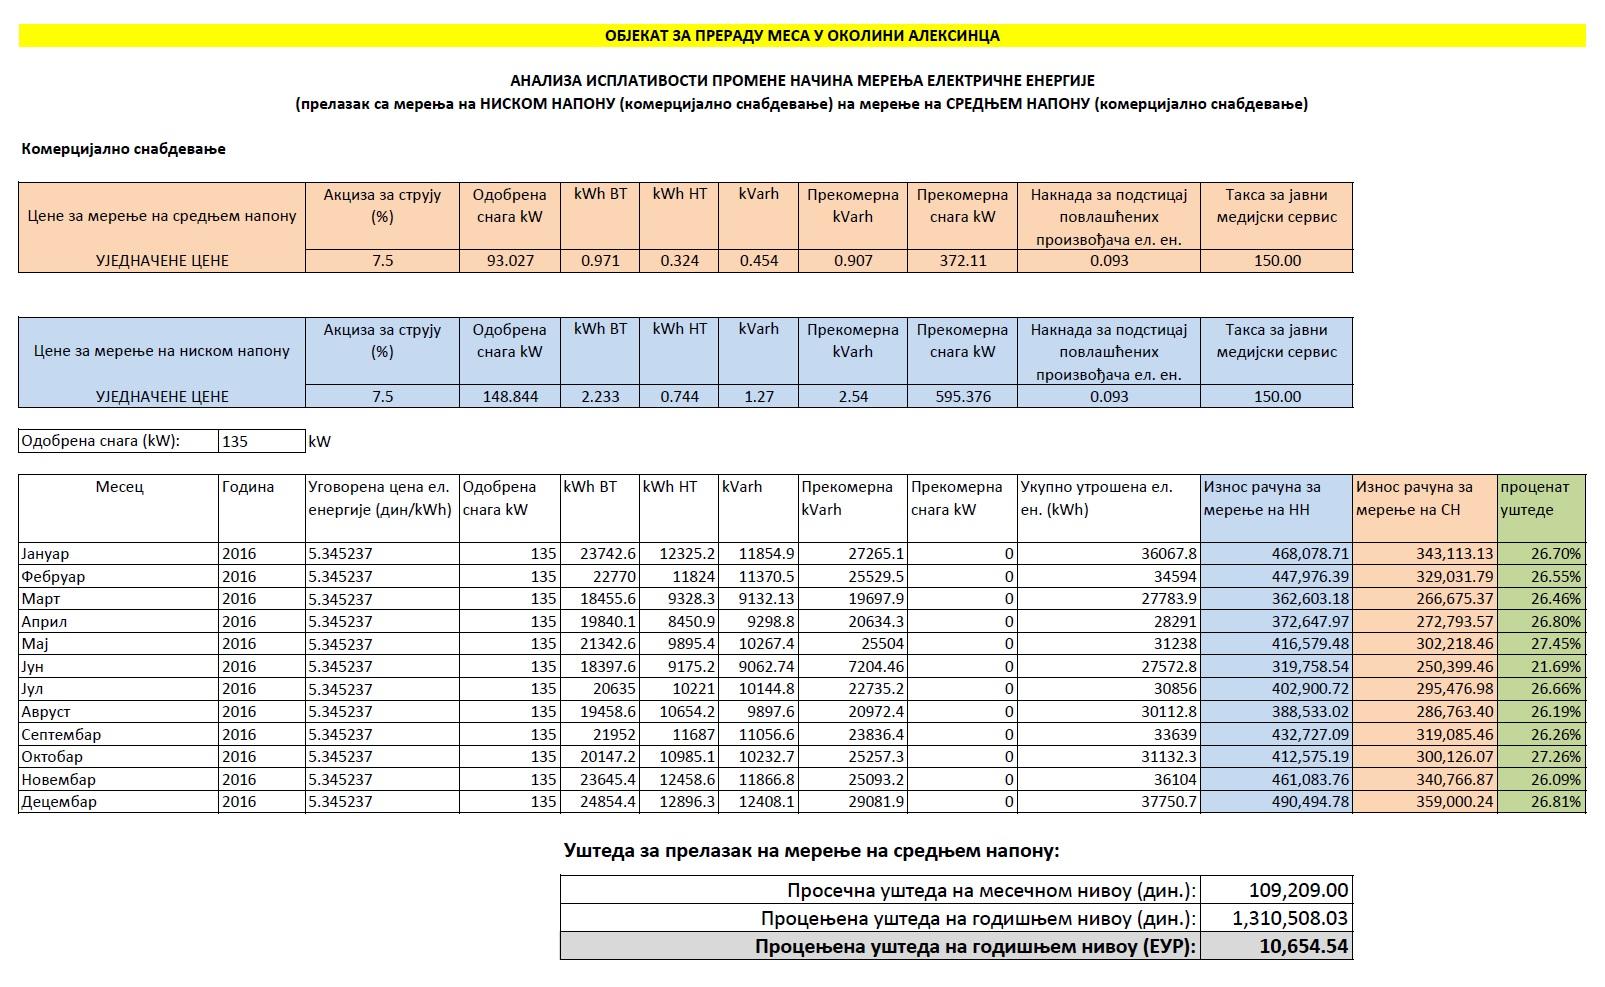 """Пример уштеде услед преласка са мерења на """"ниском напону"""" (комерцијално снабдевање) на мерење на """"средњем напону"""" (комерцијално снабдевање)"""